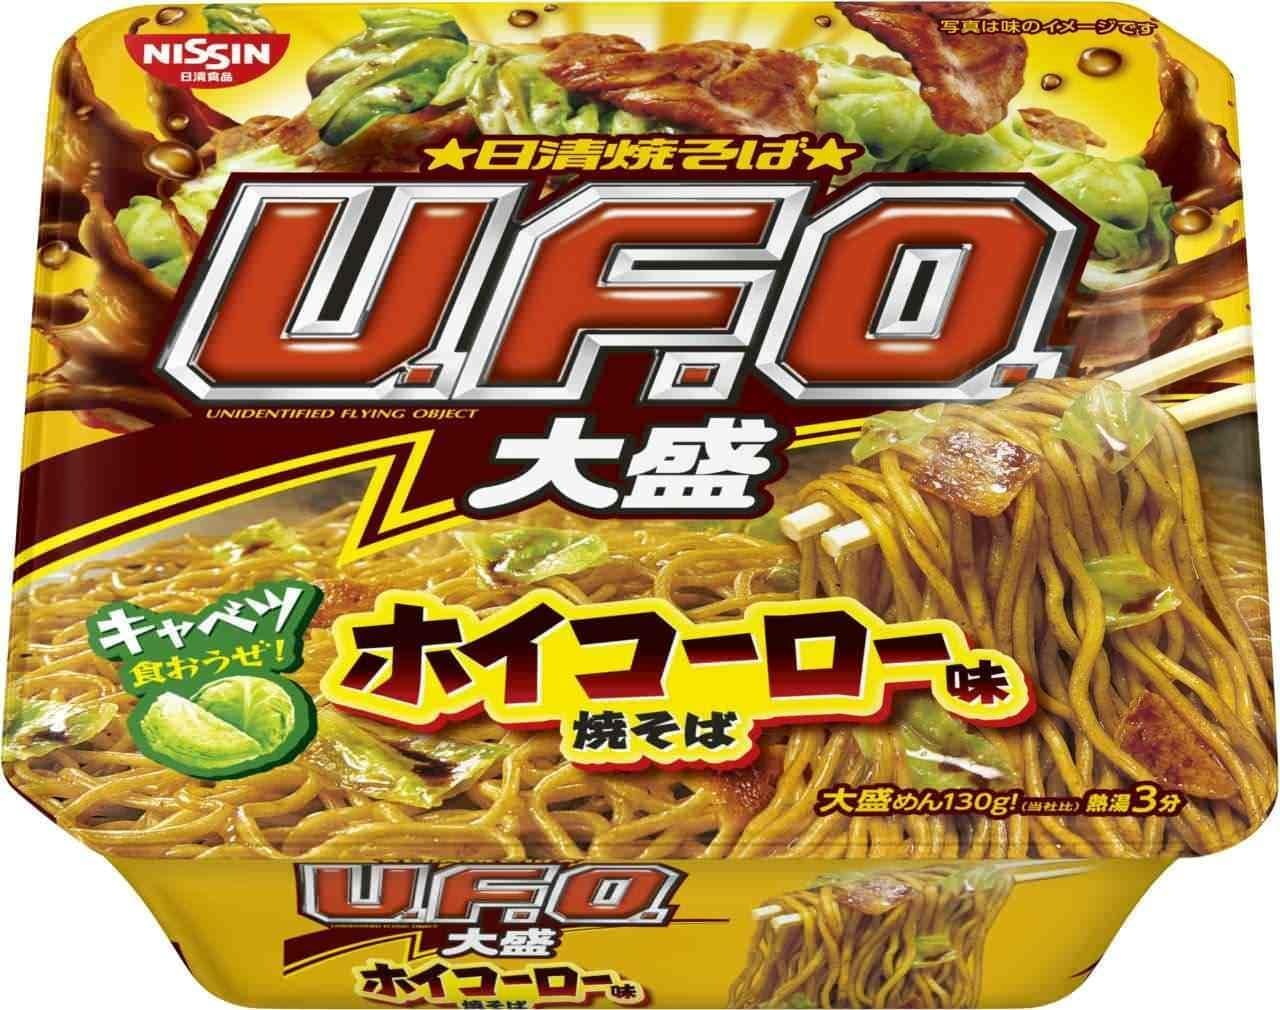 日清食品「日清焼そばU.F.O.大盛 ホイコーロー味焼そば」